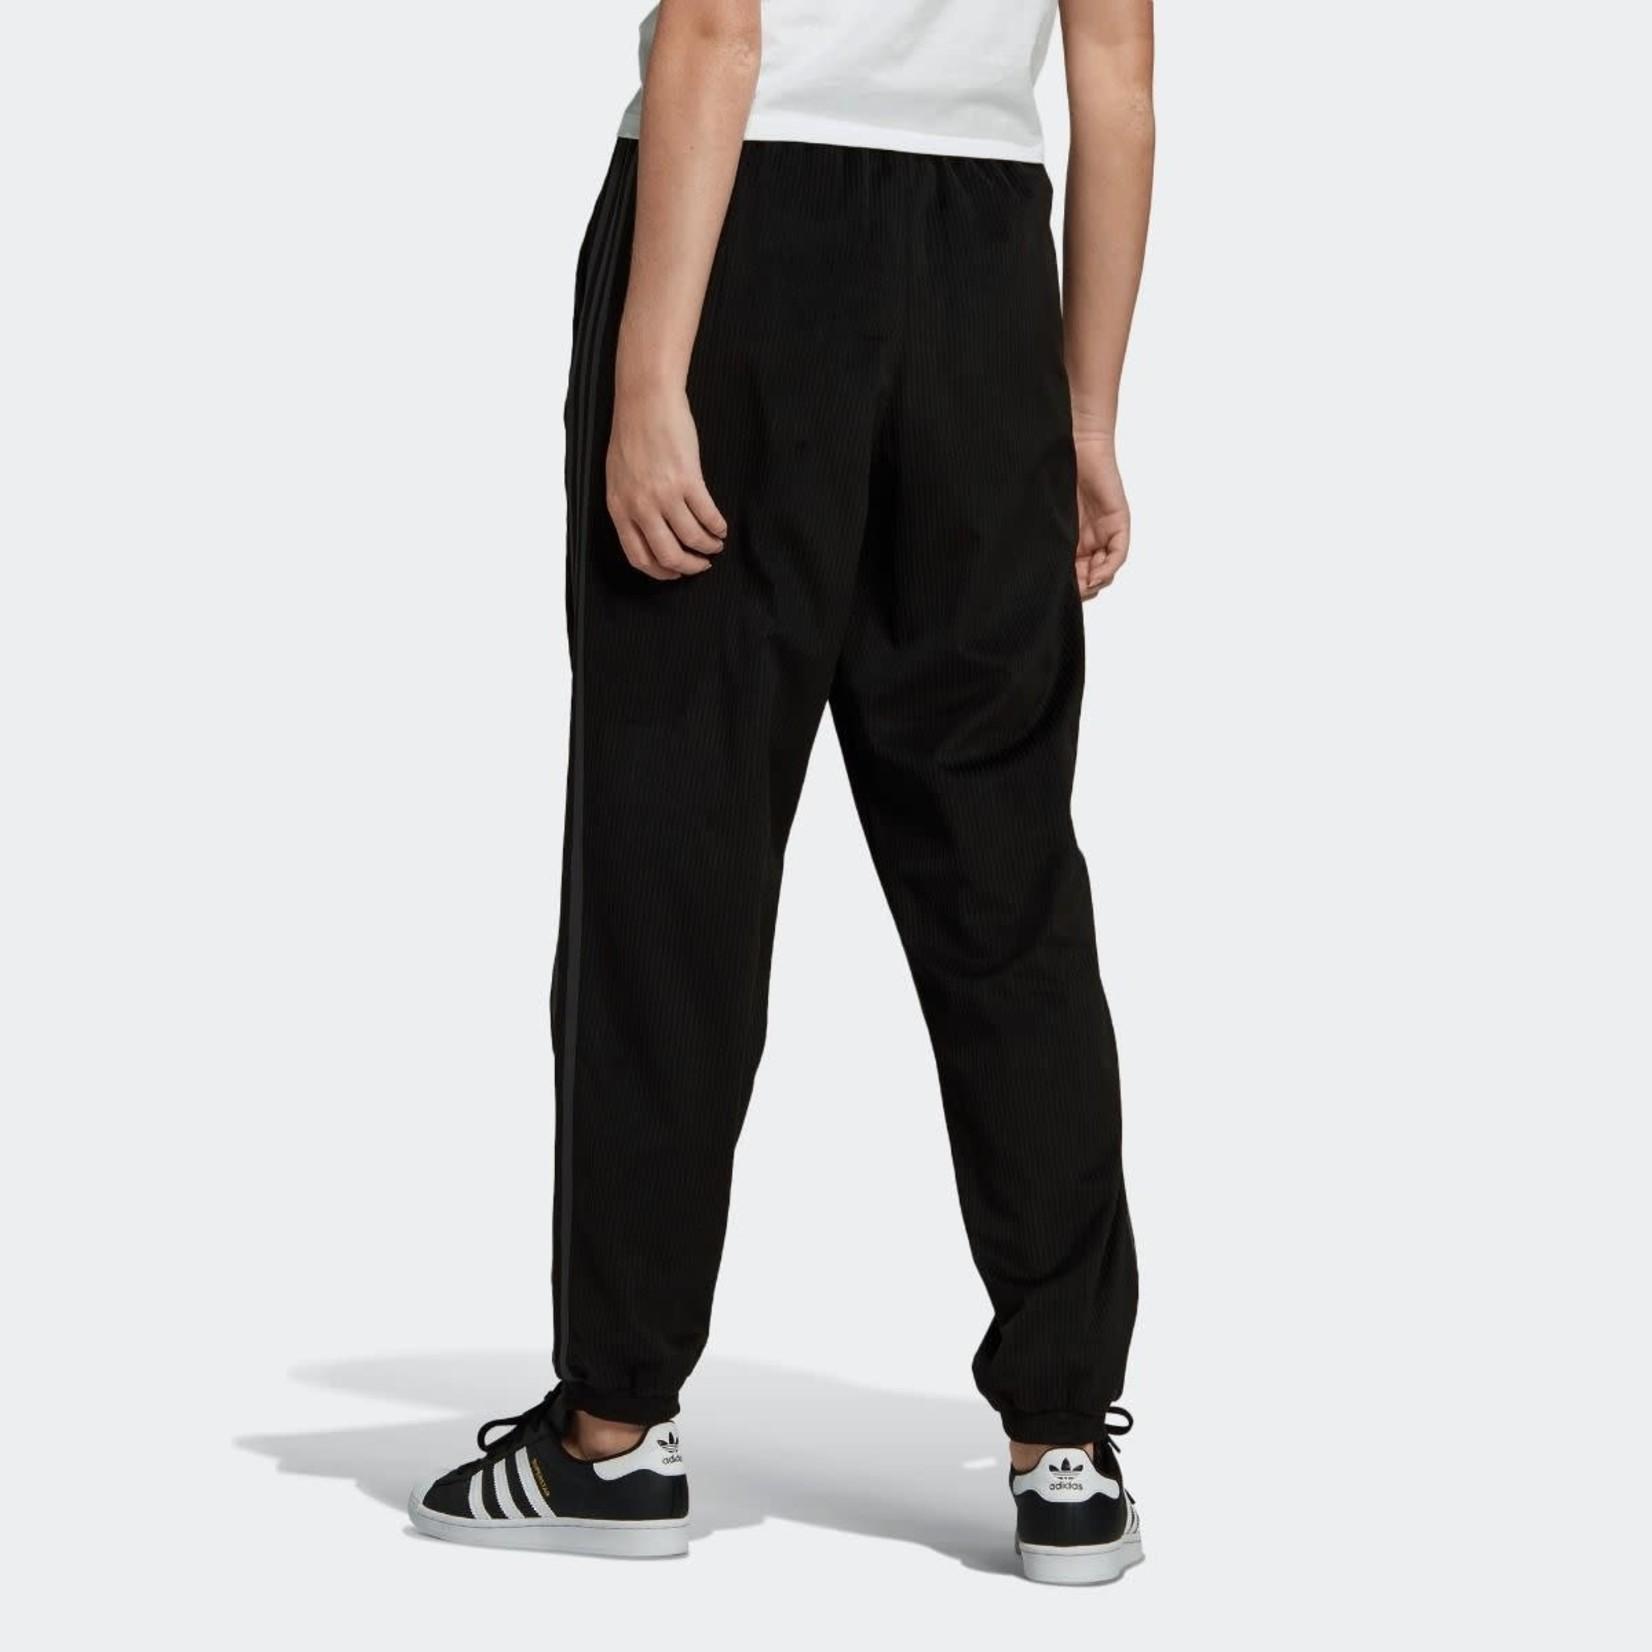 Adidas Adidas : Corduroy Elastic Waist Cuffed Pant